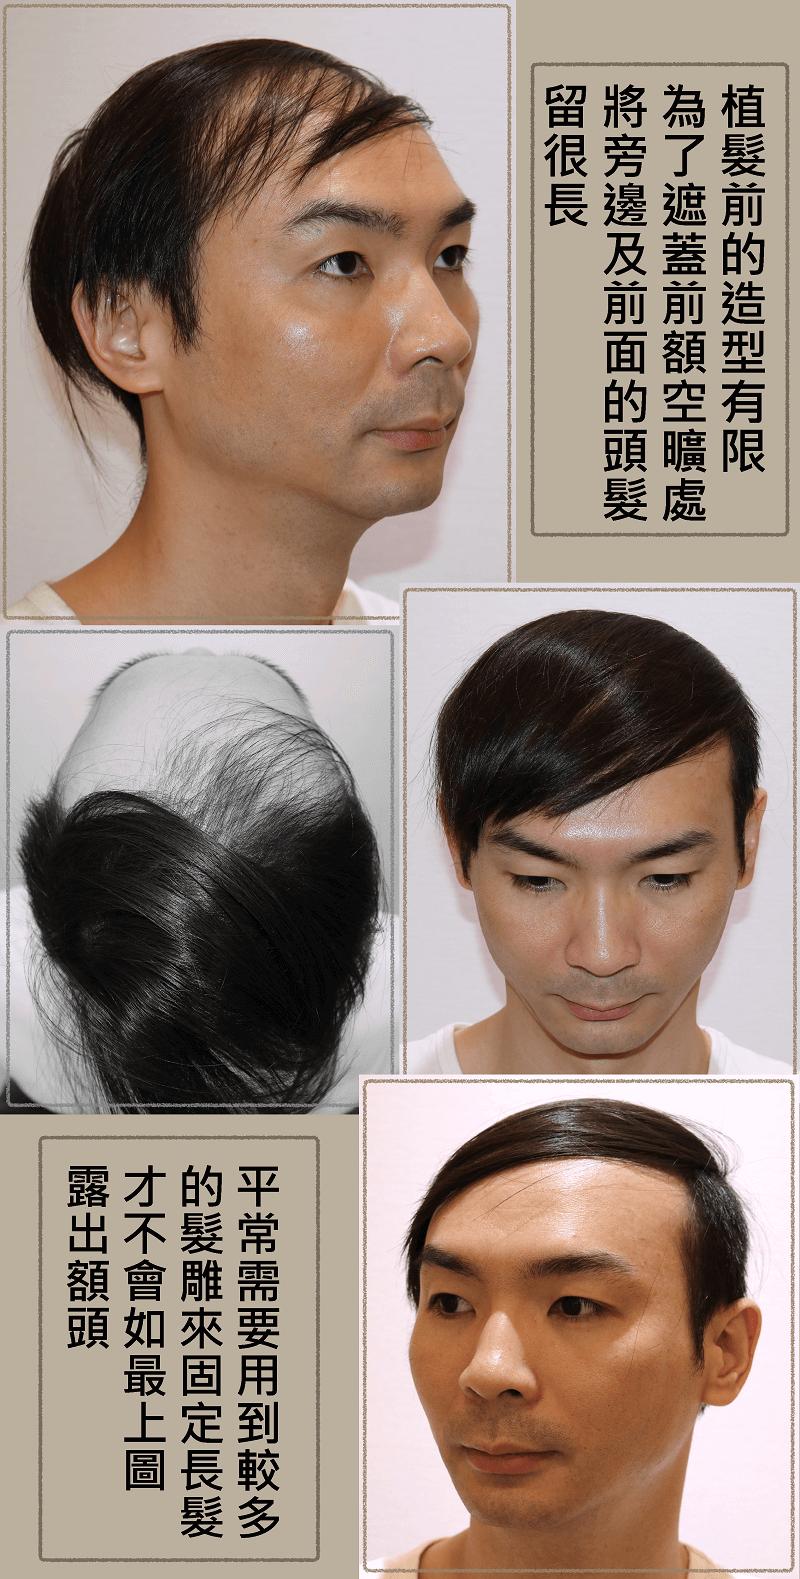 台灣植髮_植髮手術前造型